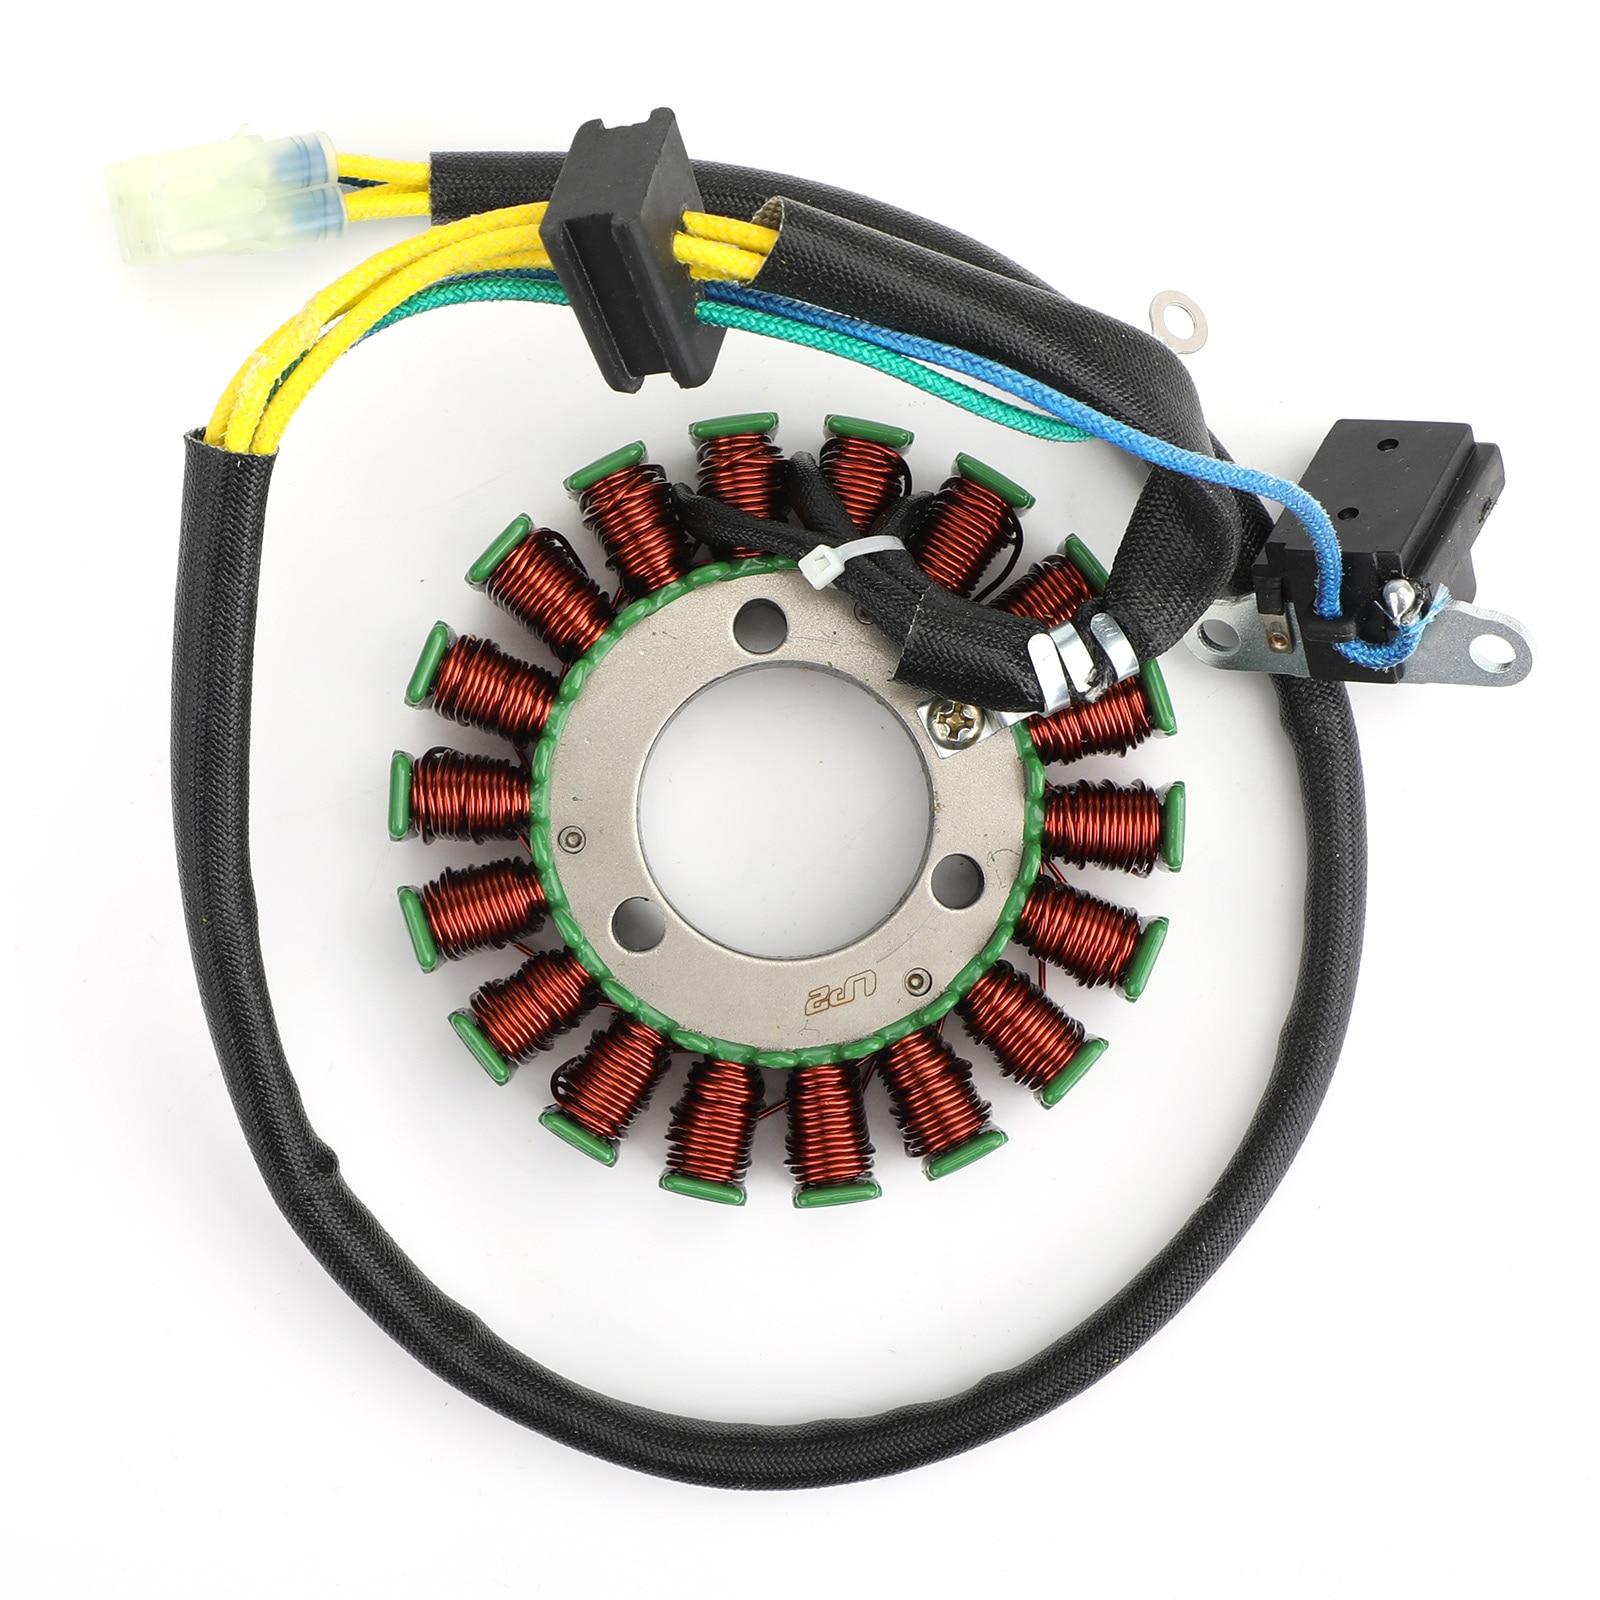 Areyourshop pour Polaris Phoenix 200 2005-2018 dents de scie 200 2006-2007 générateur magnéto Stator bobine accessoires moto